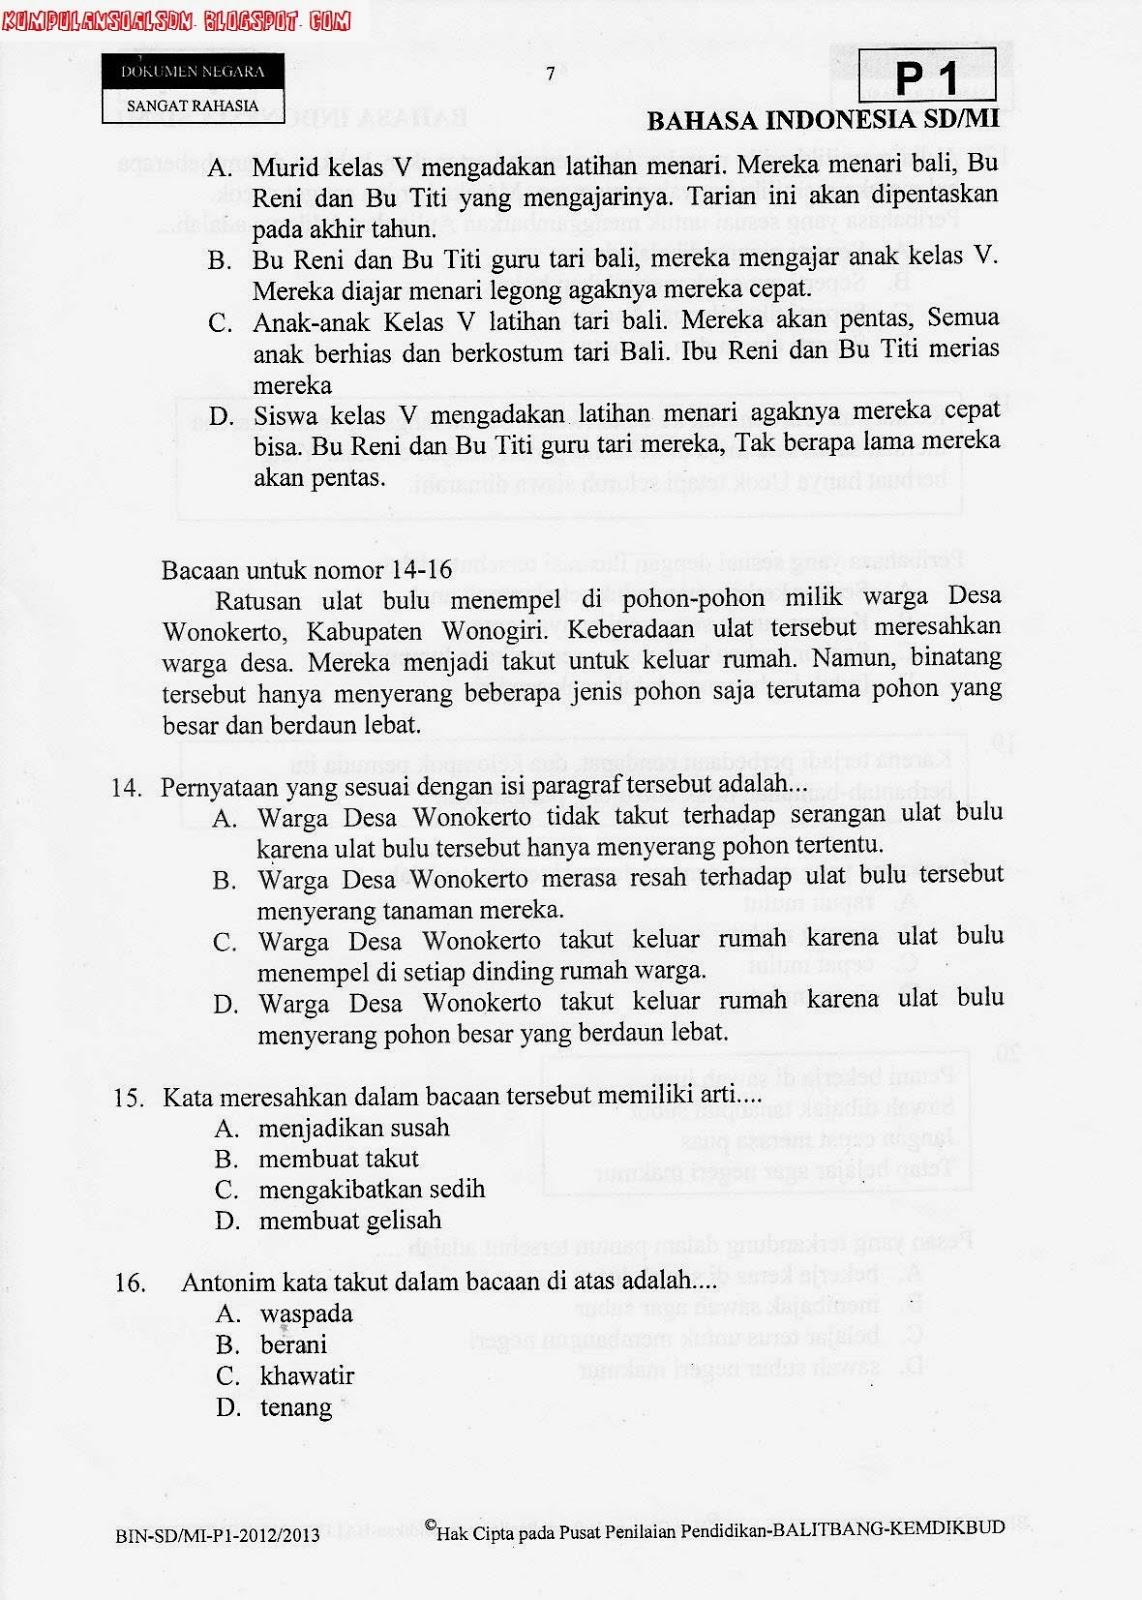 Soal Un Utama Bahasa Indonesia Ta 2012 2013 Kumpulan Soal Sd